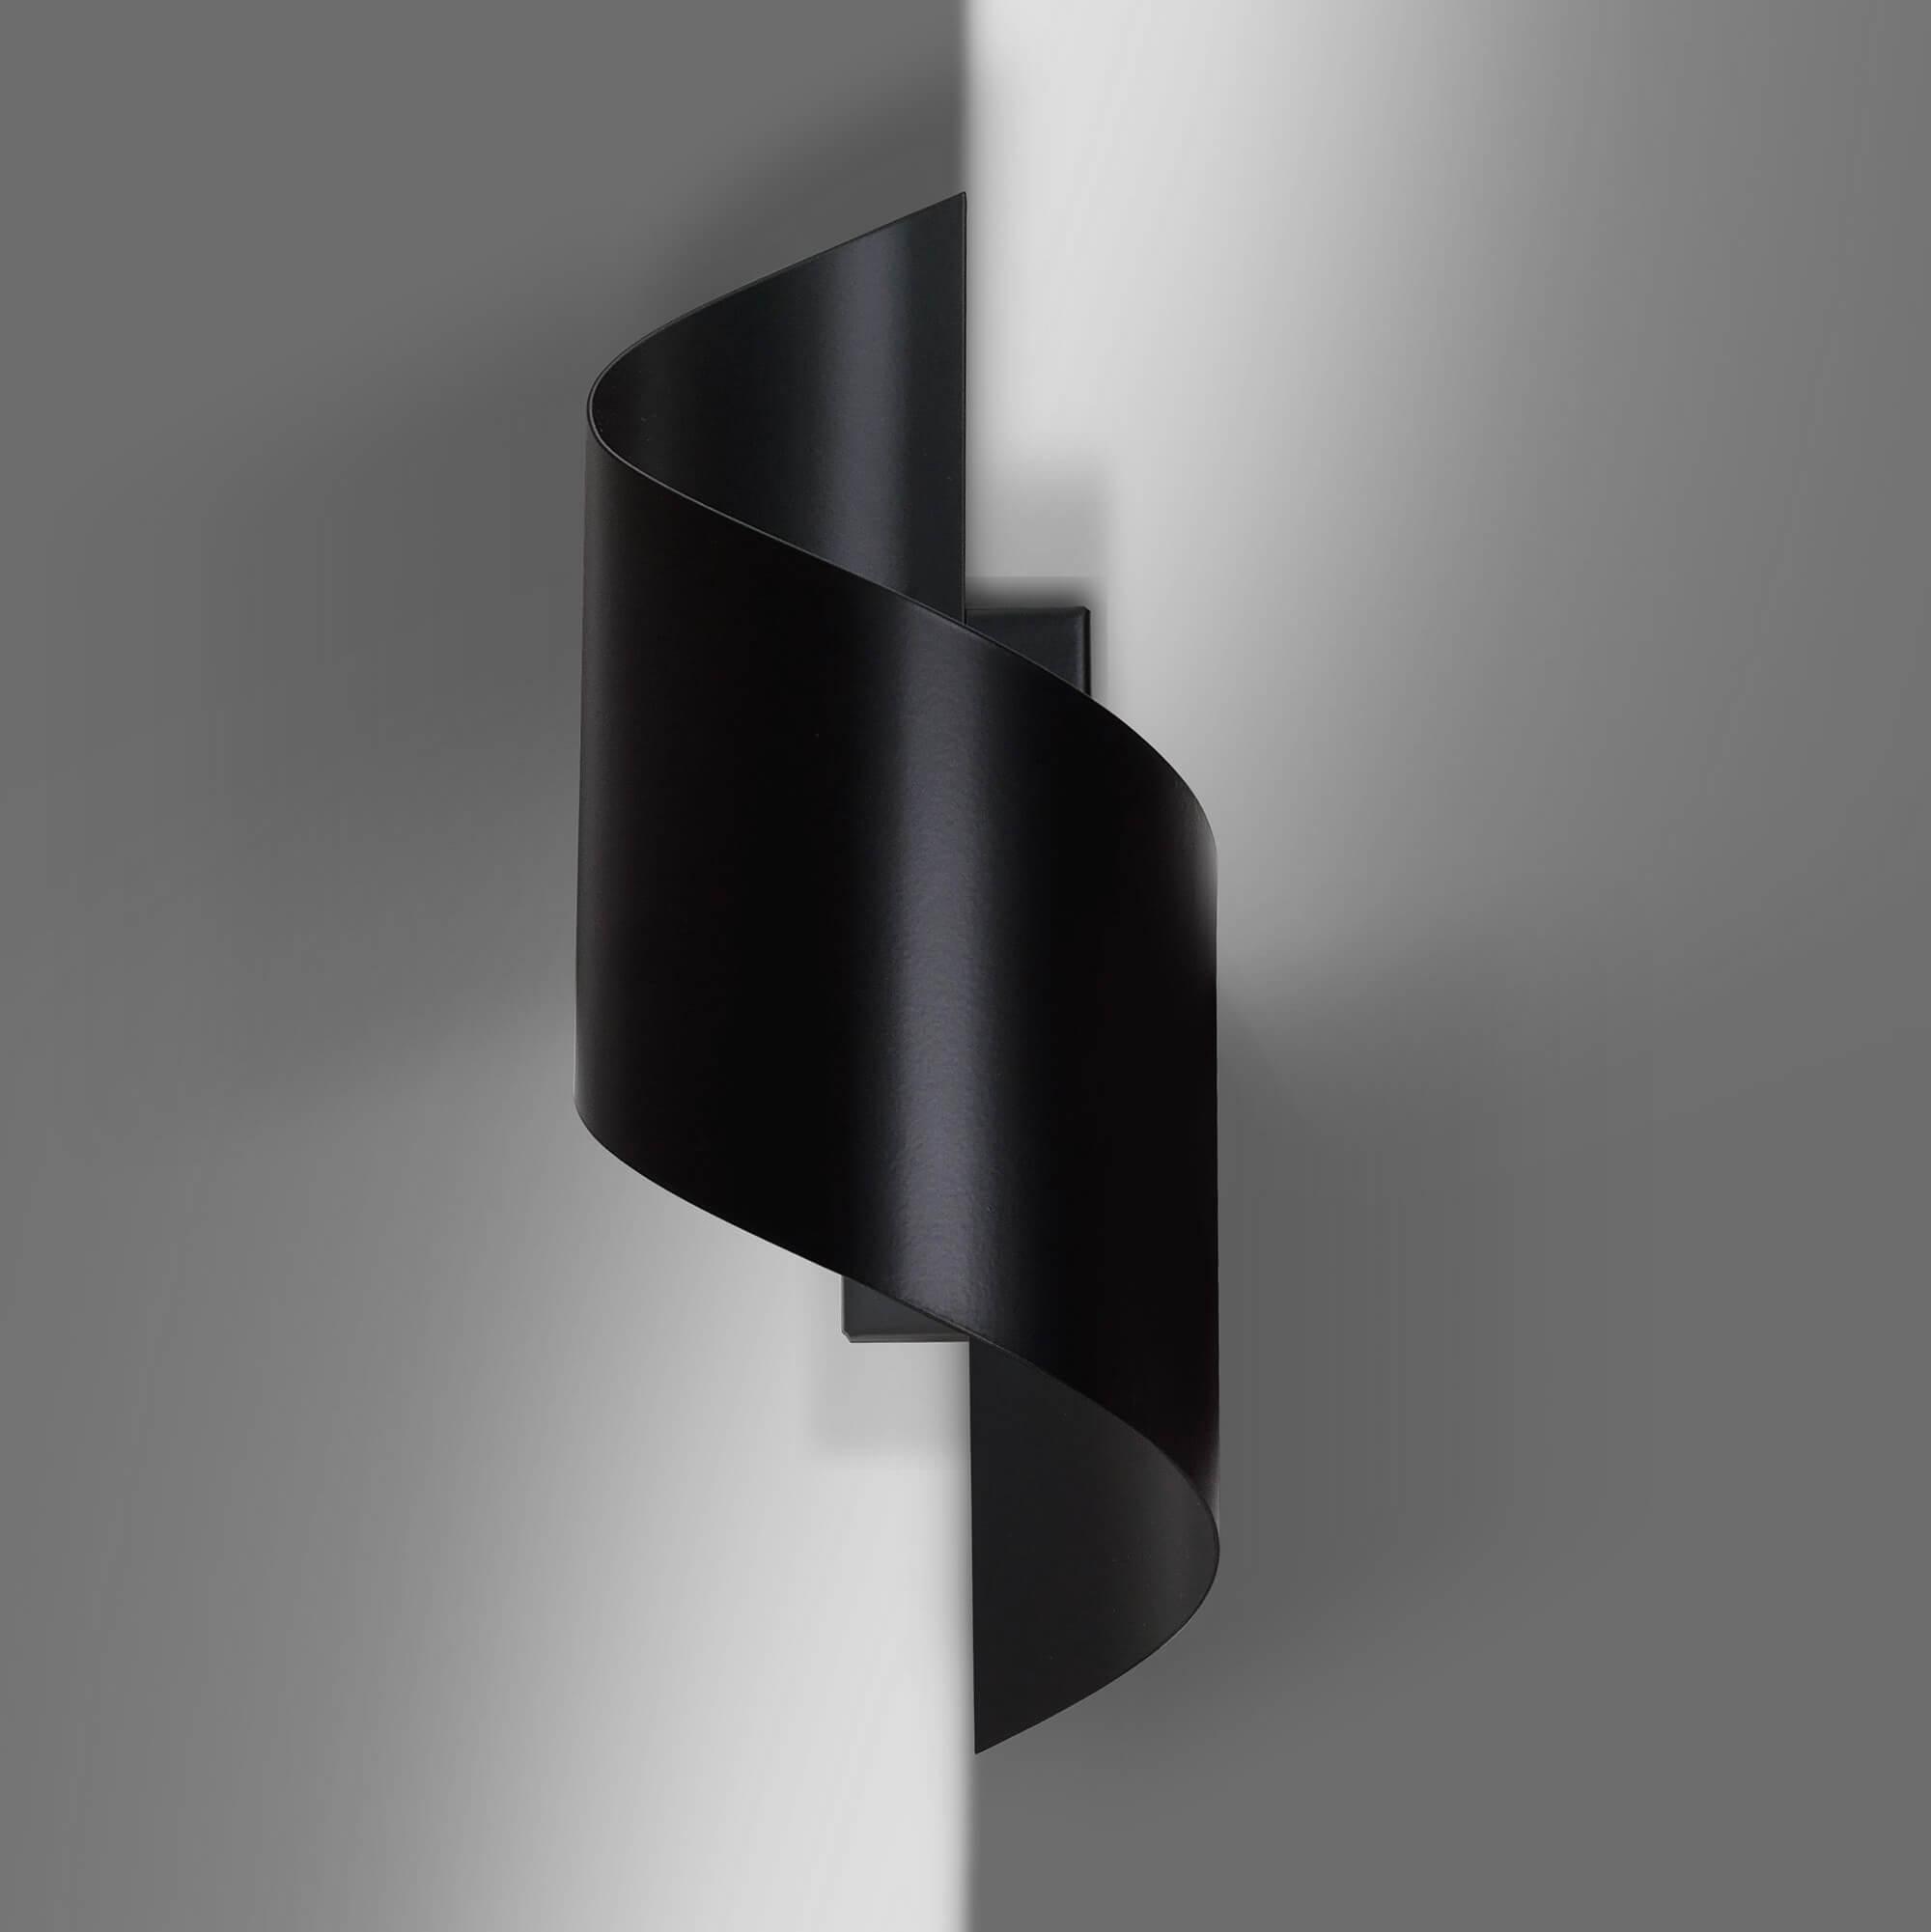 Lampade Al Neon Da Parete applique spiner black